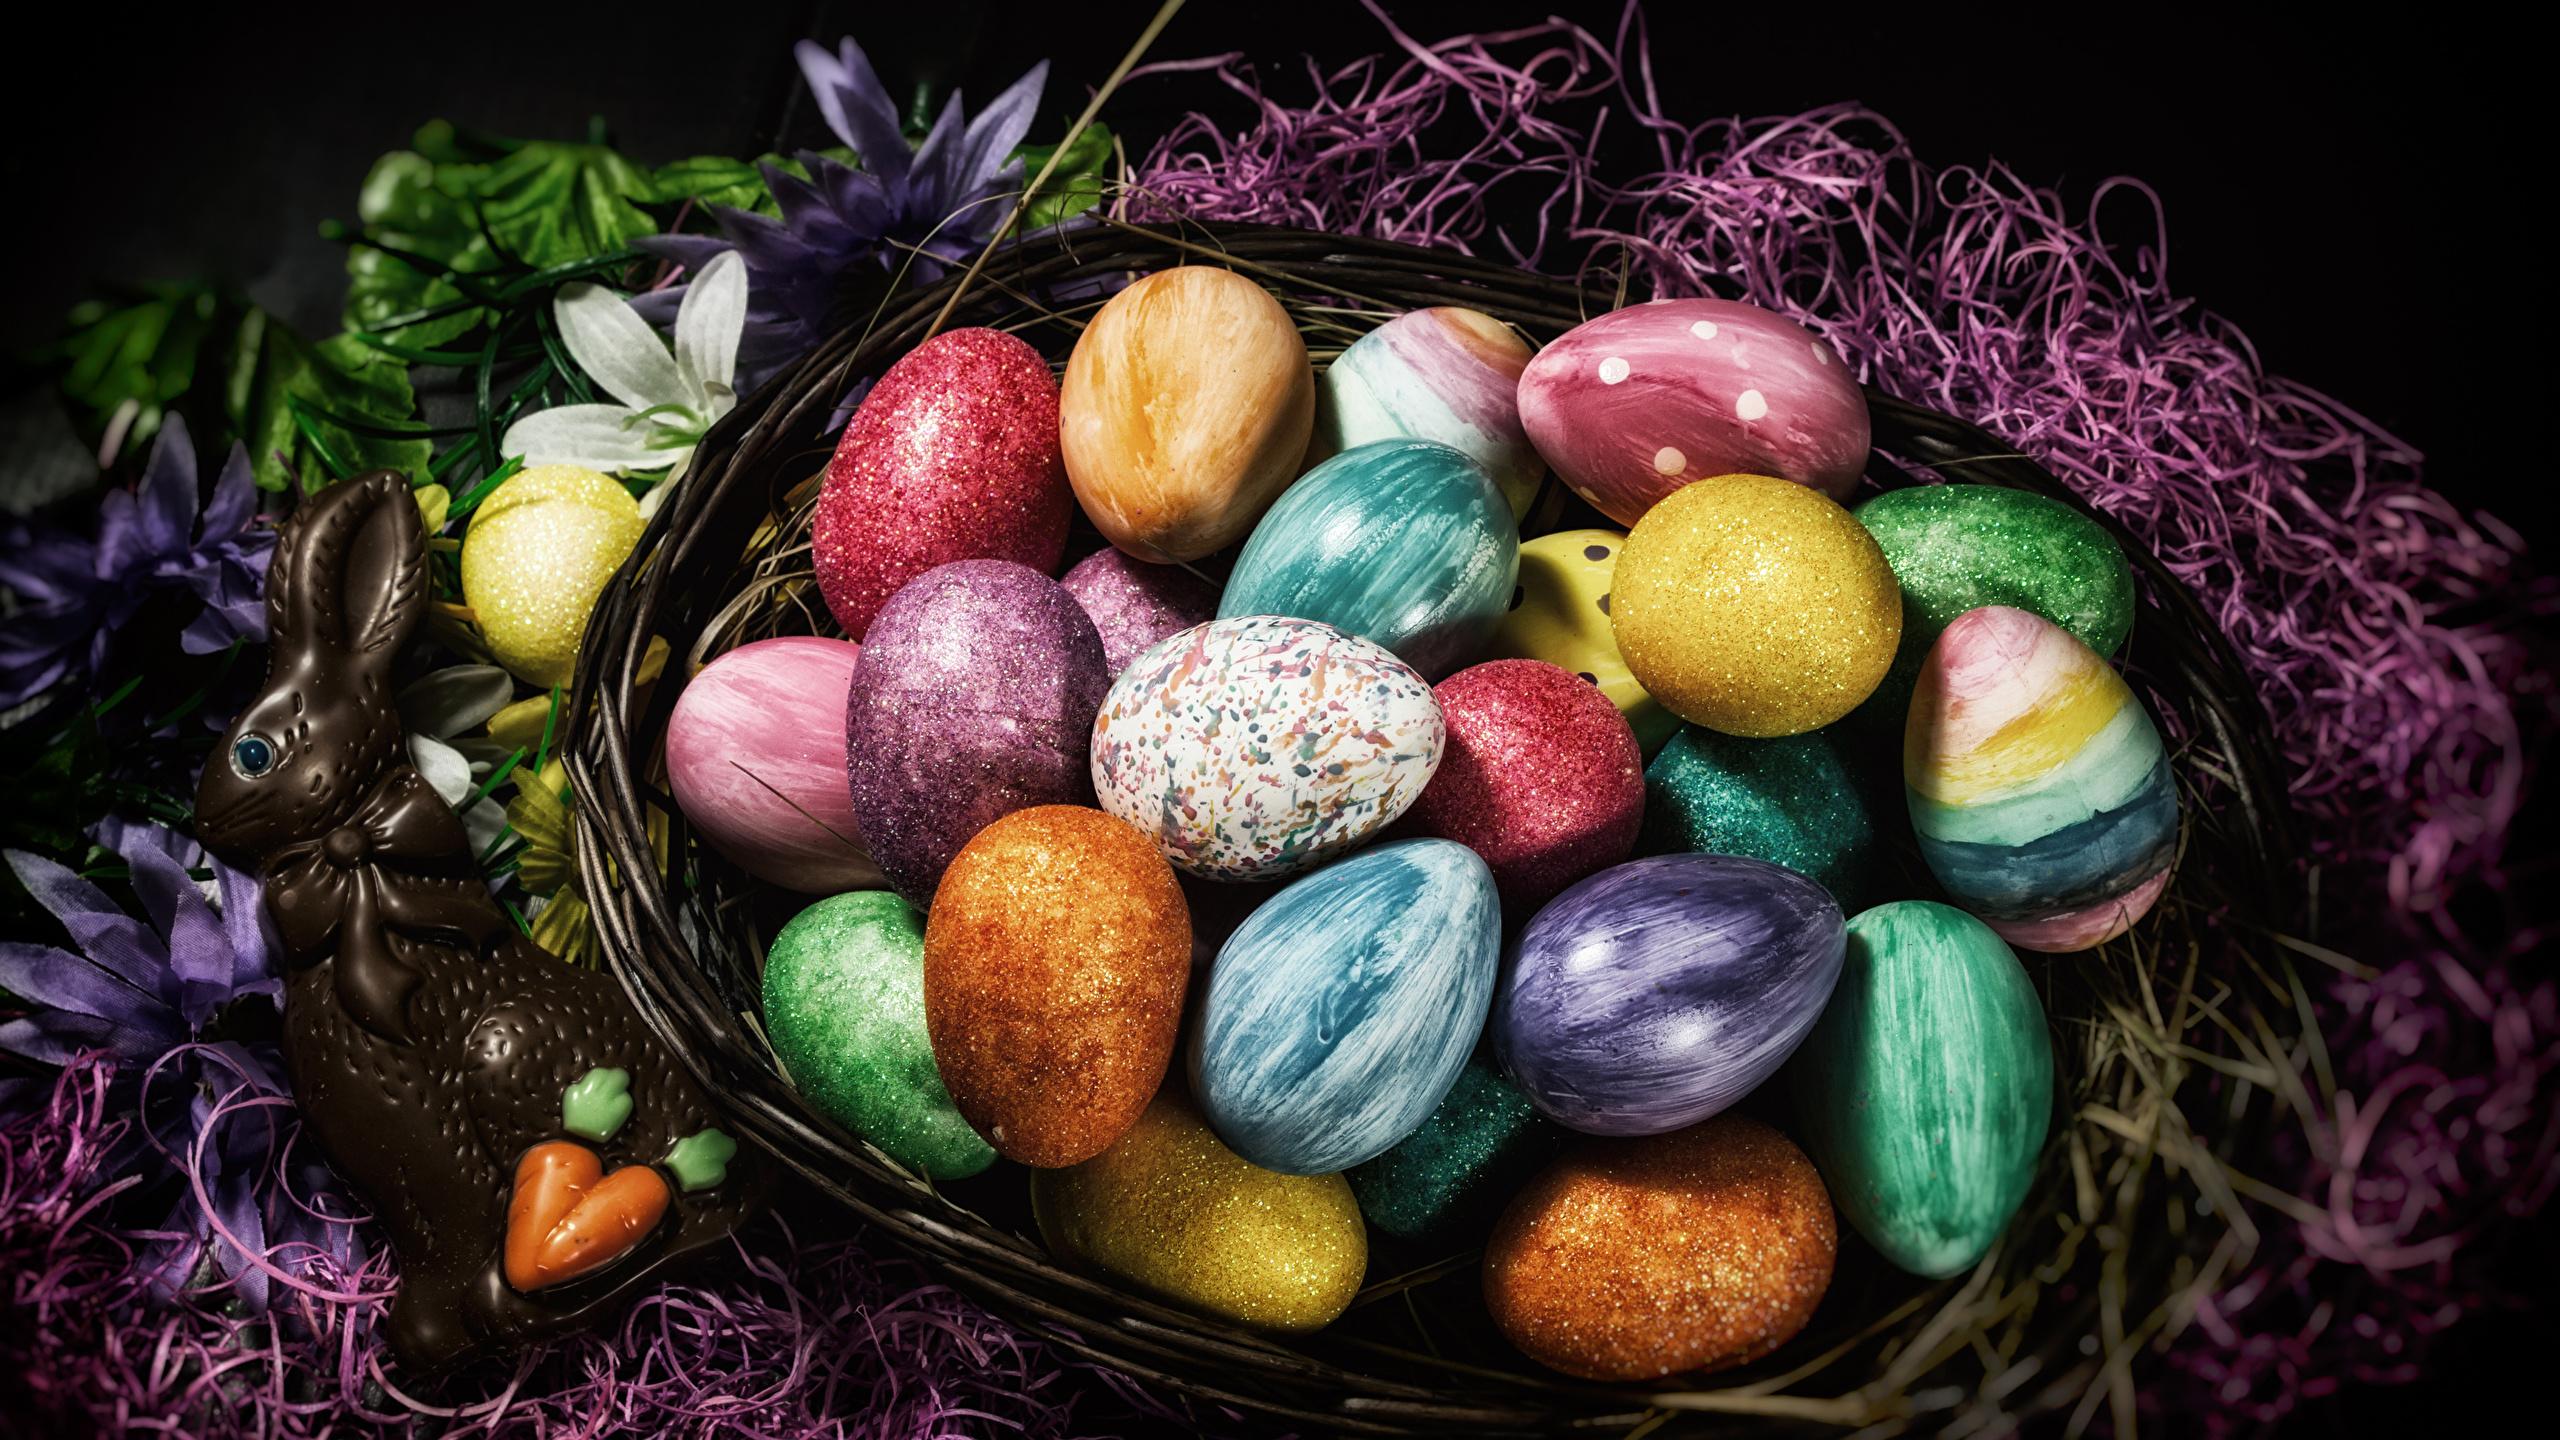 Фотографии Пасха Кролики Разноцветные яиц Шоколад Корзина сладкая еда 2560x1440 яйцо Яйца яйцами корзины Корзинка Сладости